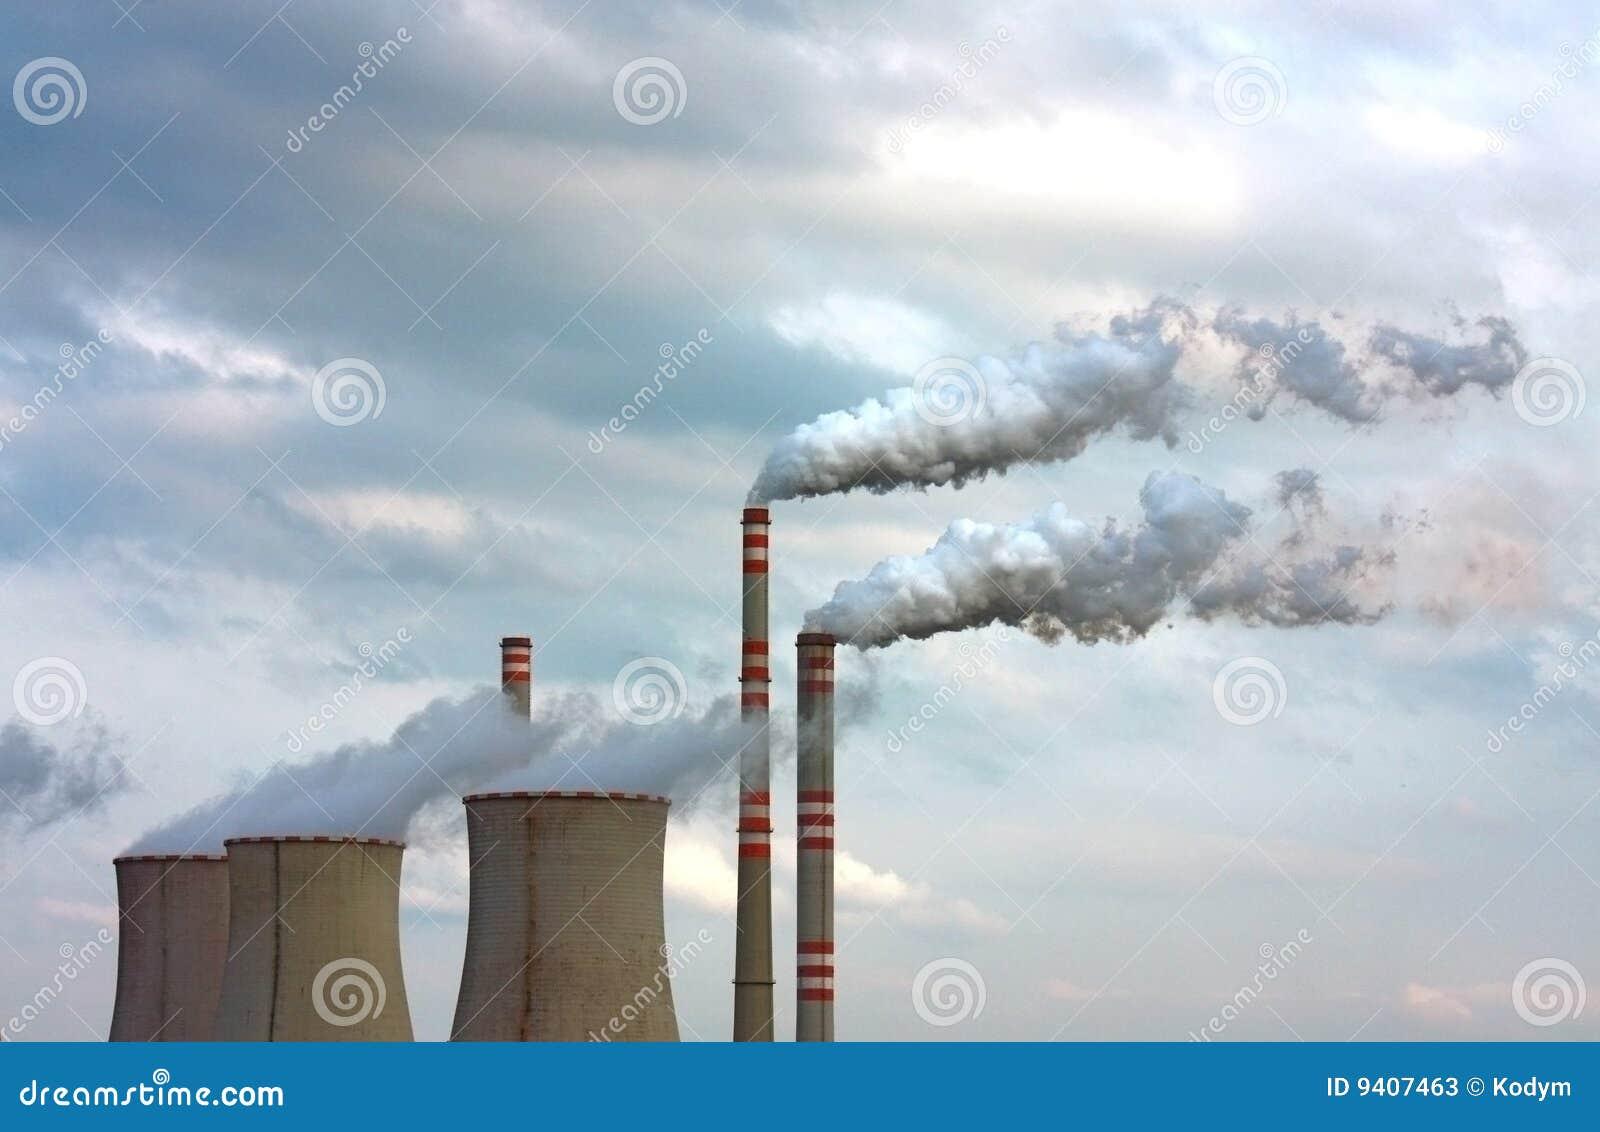 Fumo poluído da fábrica